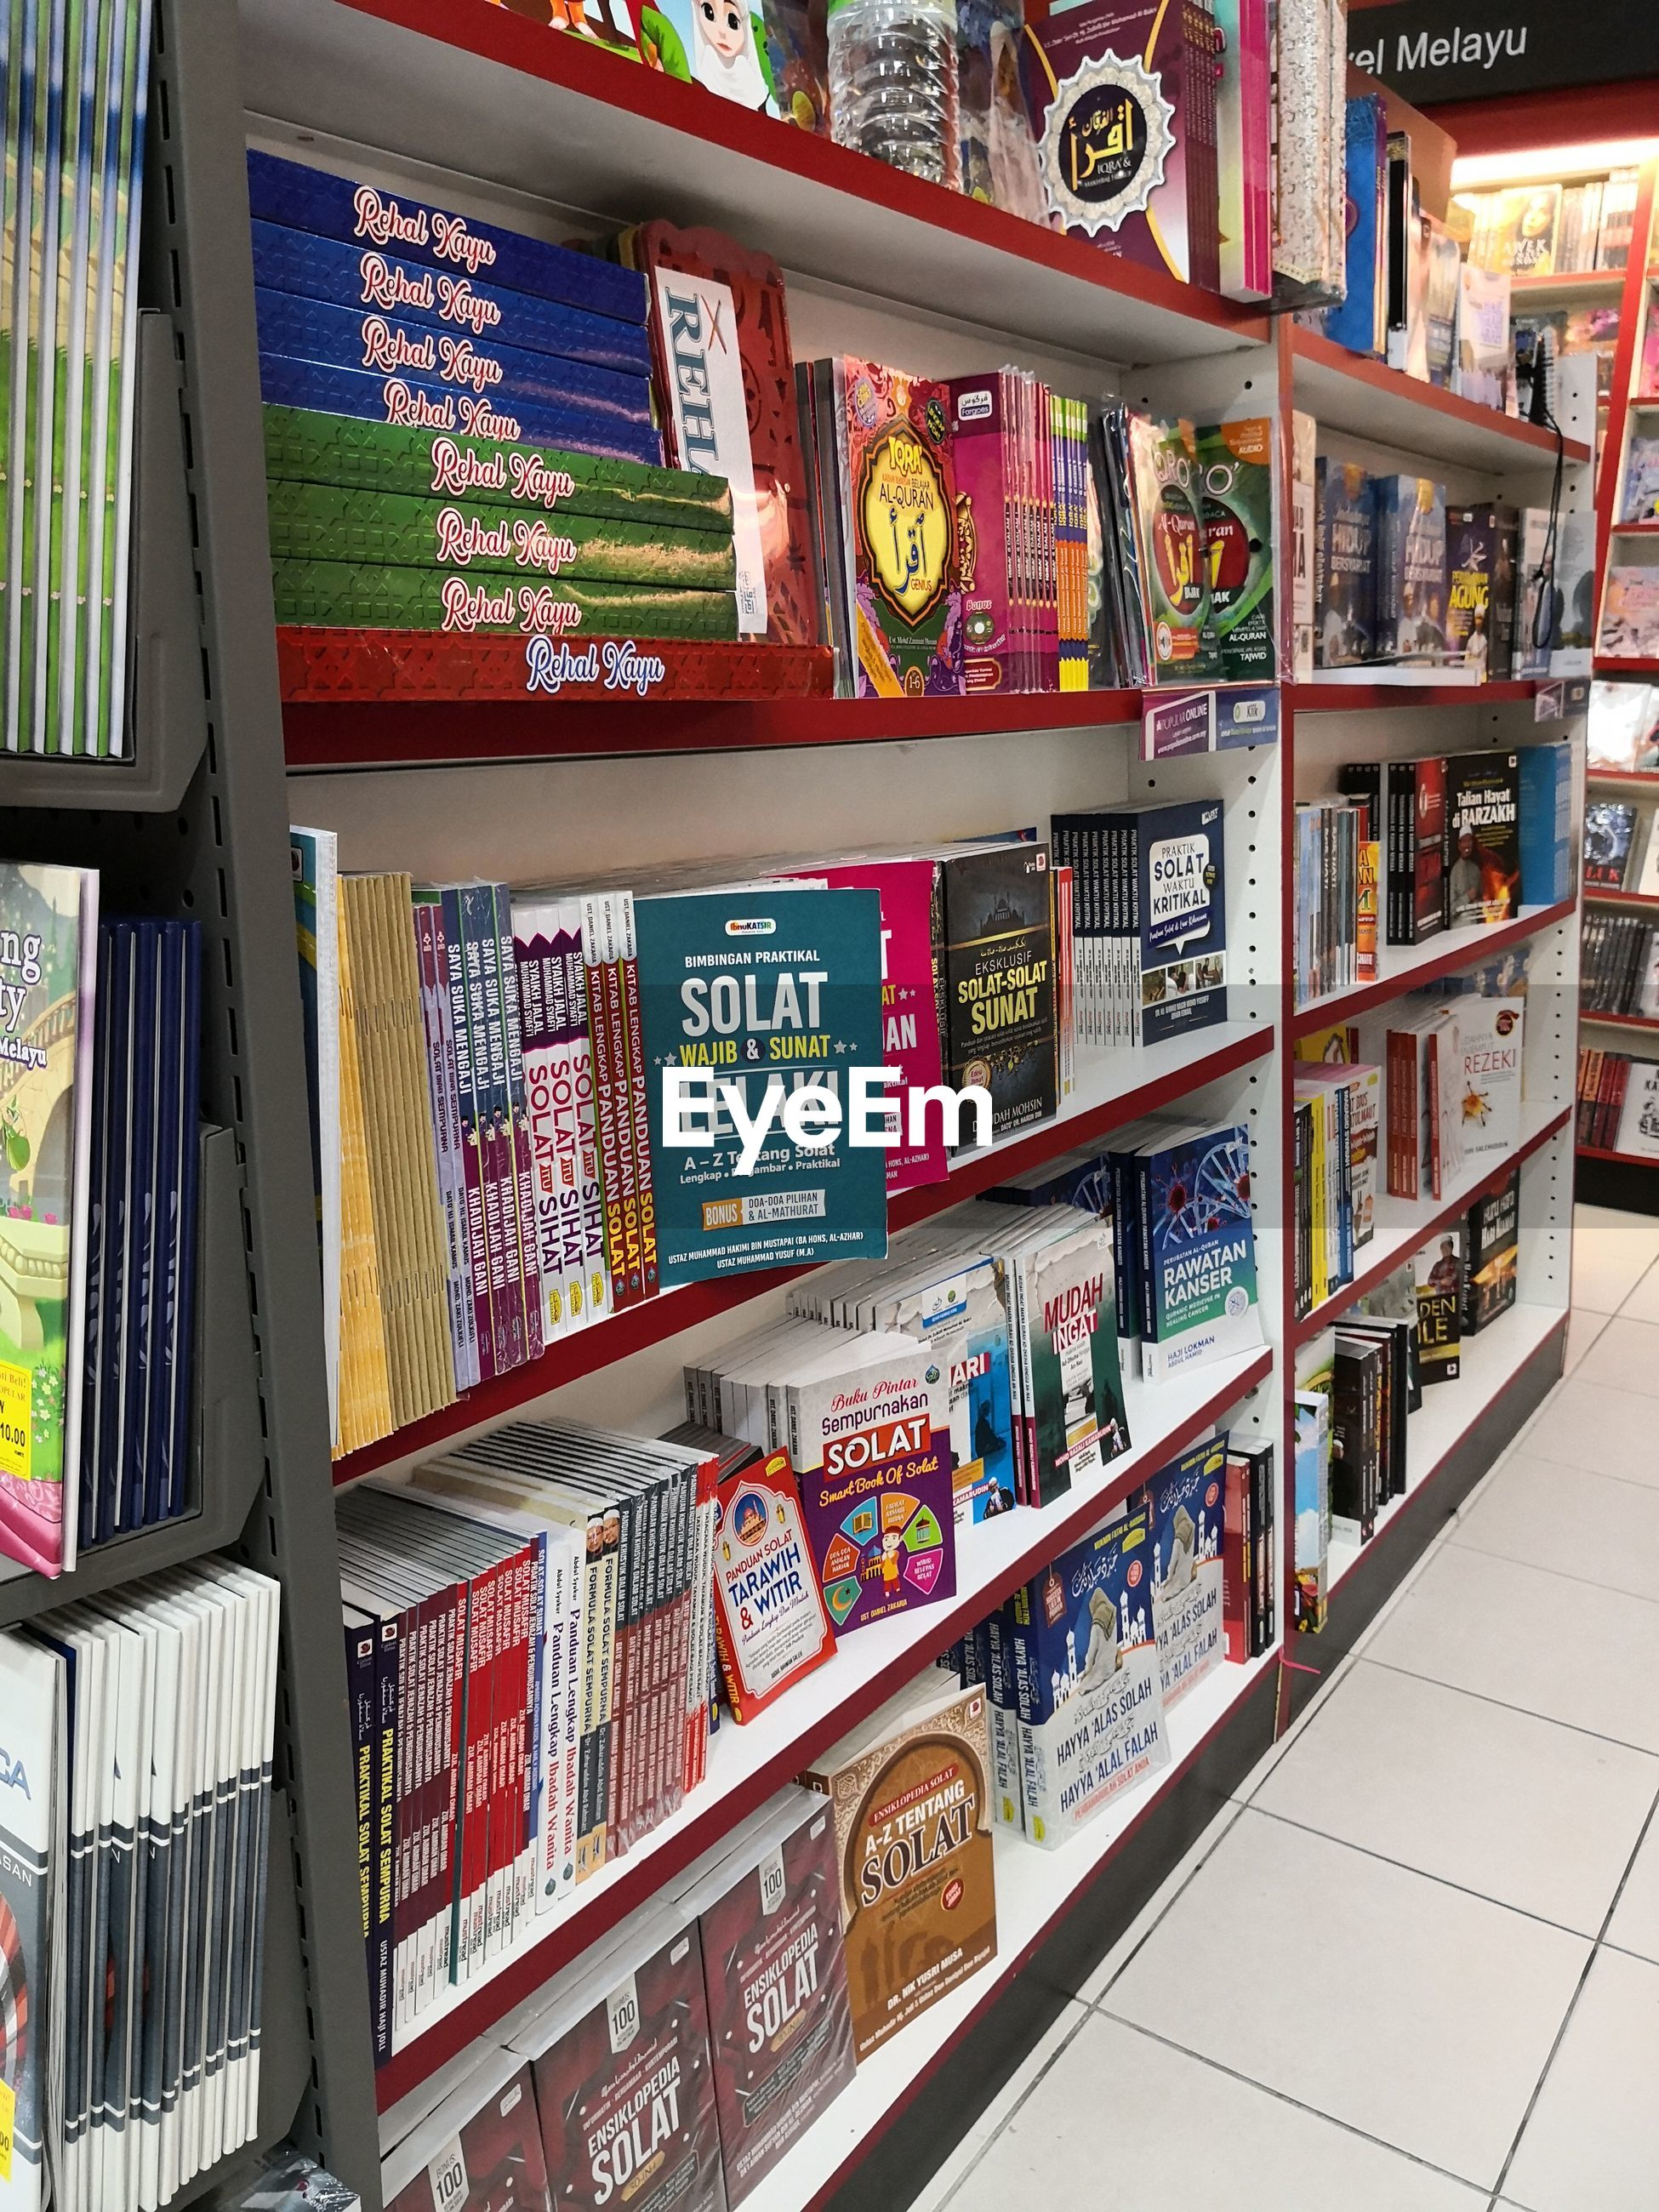 BOOKS IN SHELF AT STORE